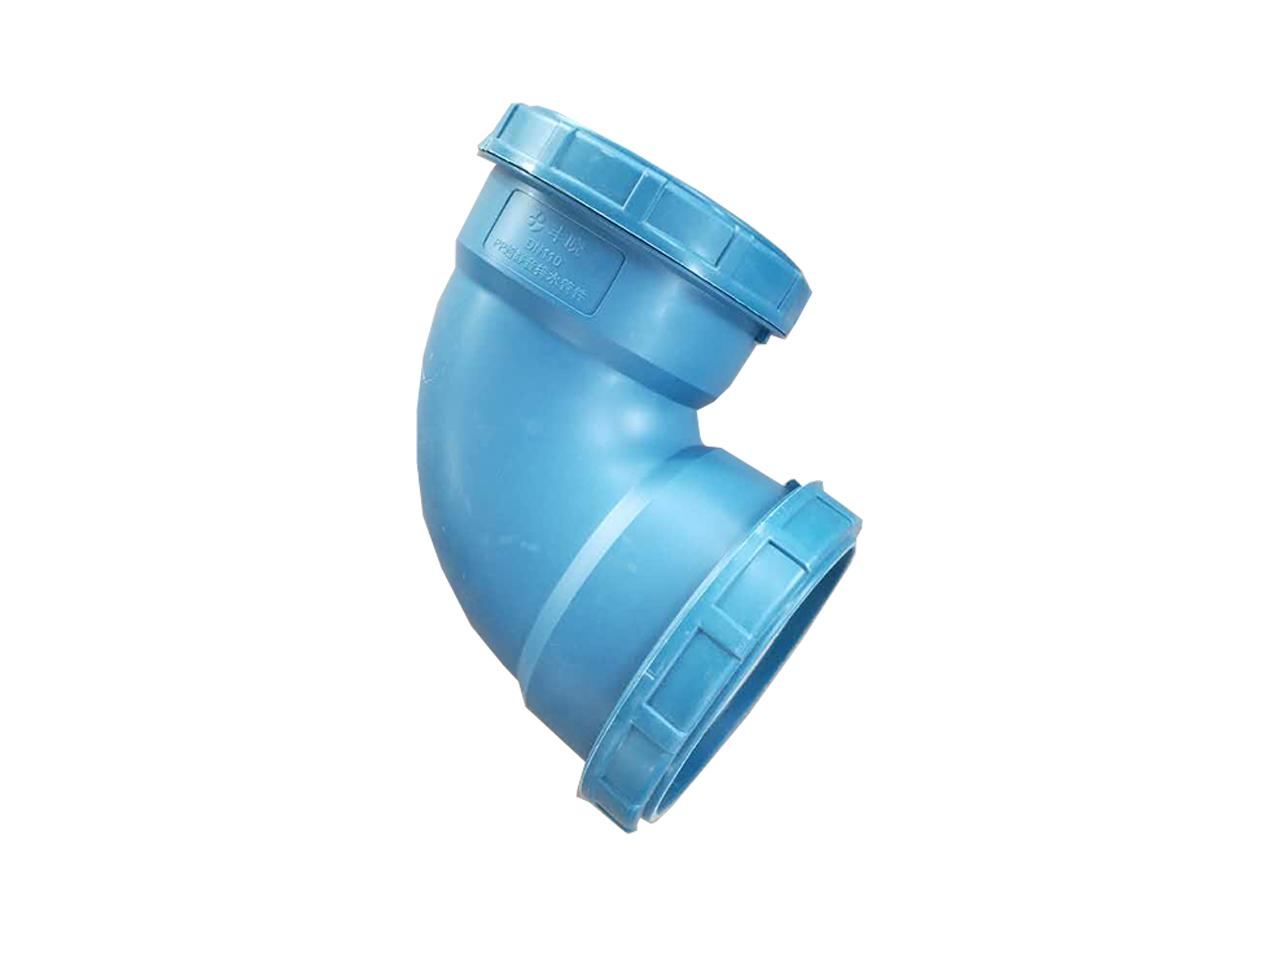 明塑品牌管业供应优质聚丙烯静音排水管,3spp超静音水管哪家好